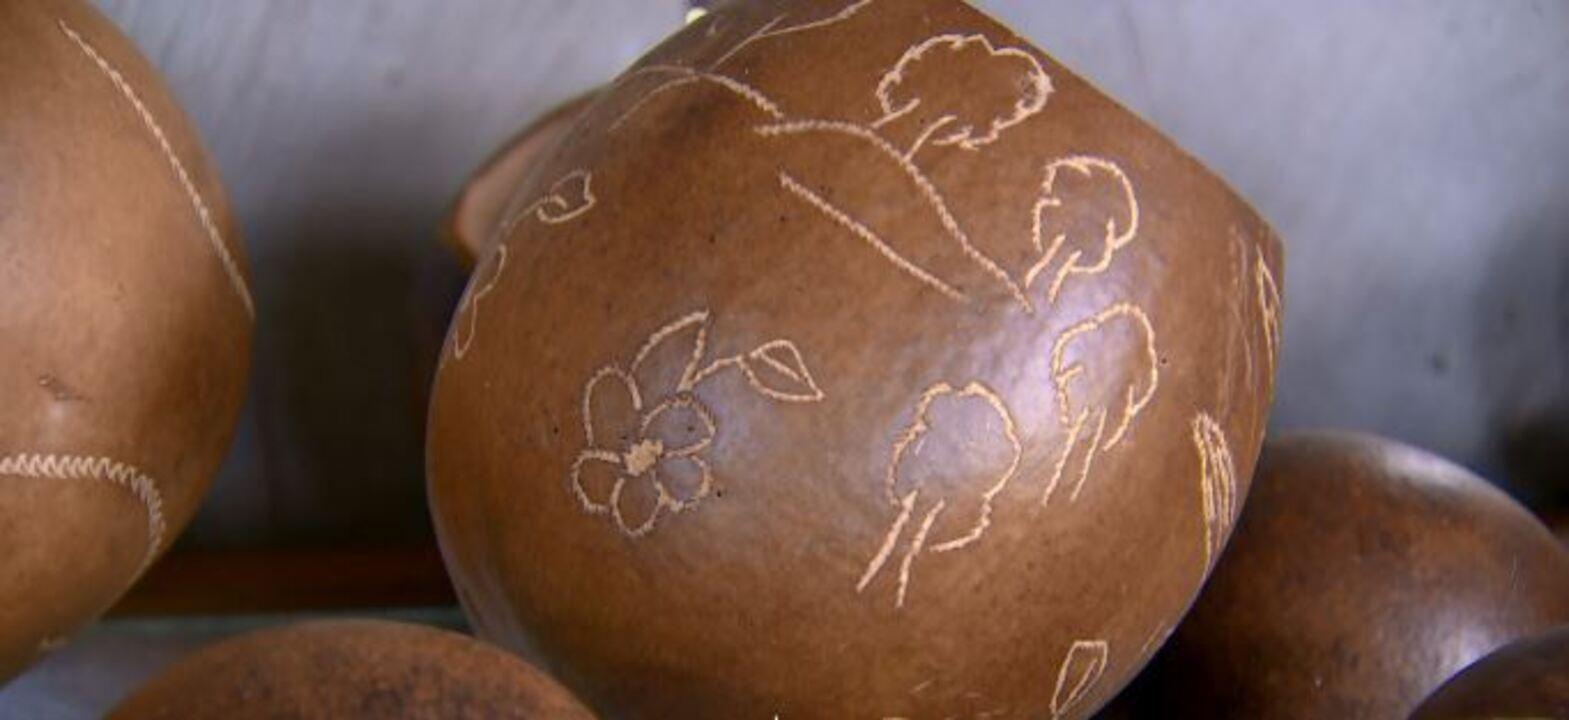 Reportagem especial mostra artesanato feito com sementes comuns da Amazônia